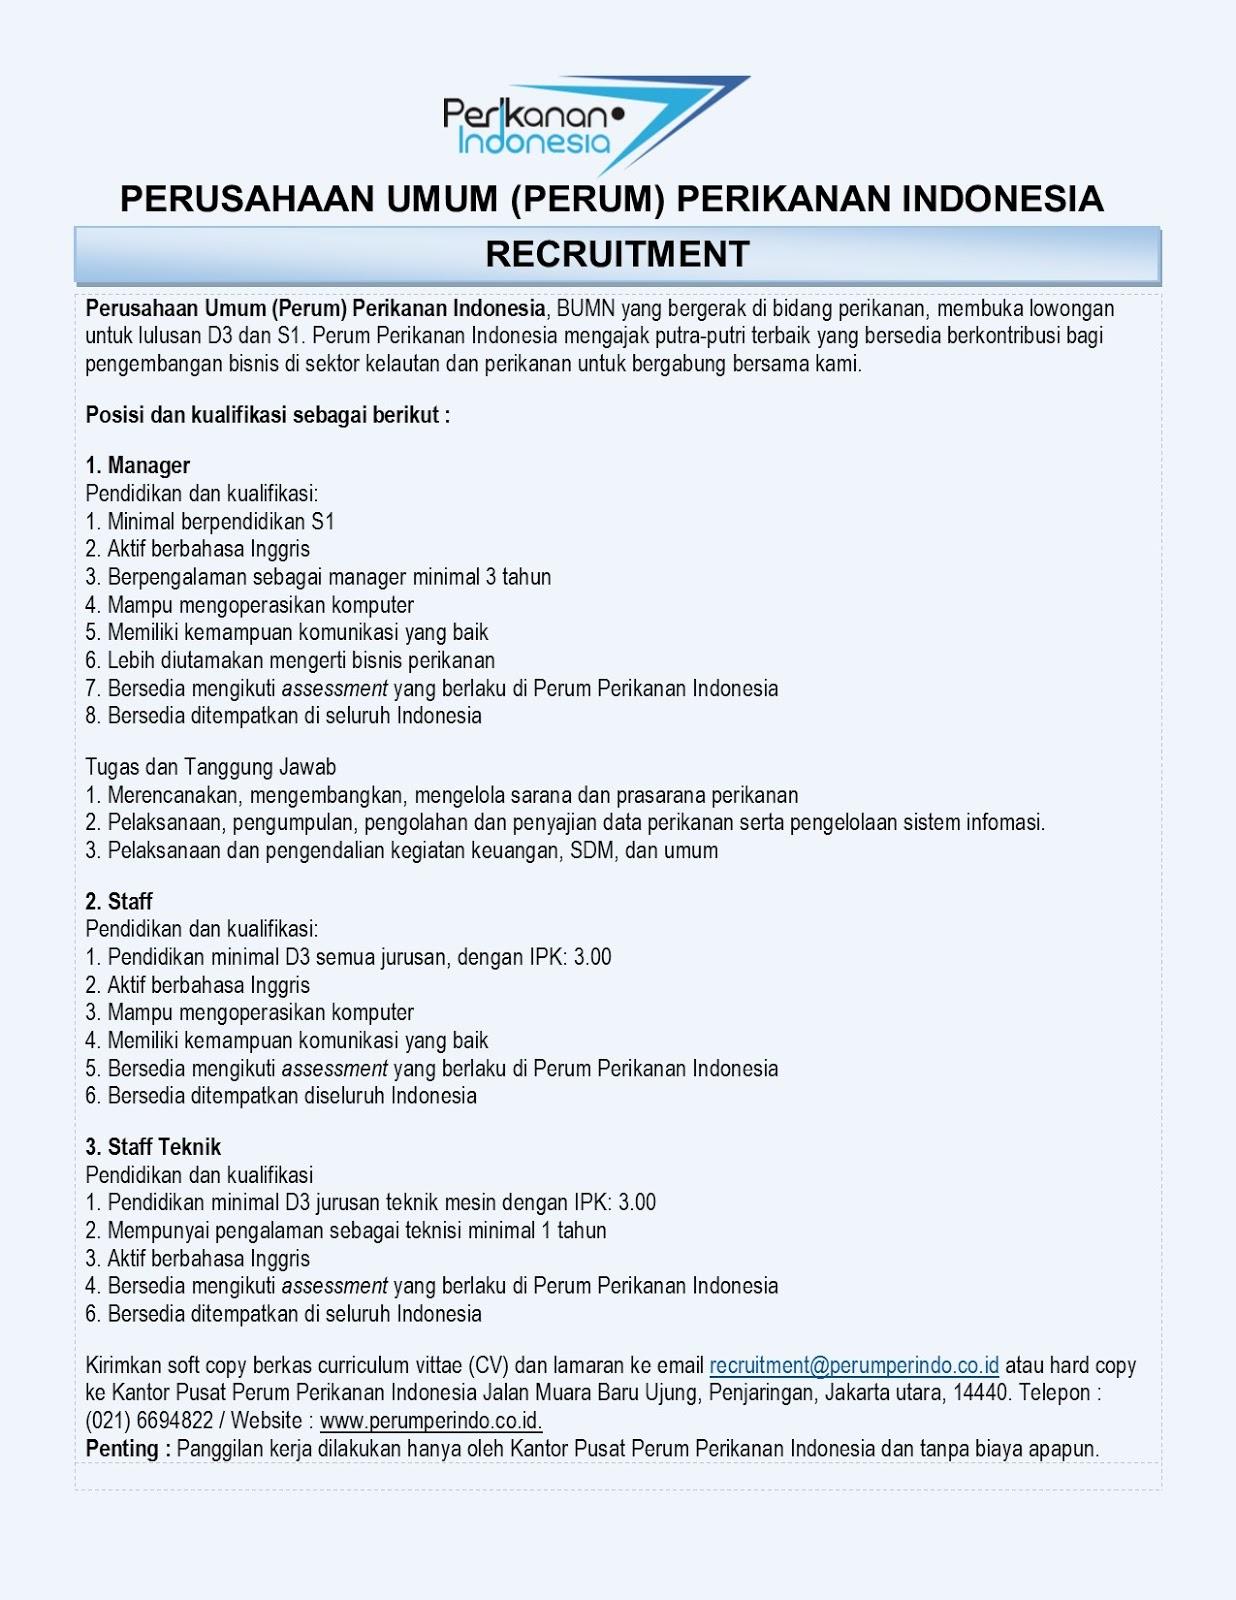 Lowongan Kerja Perusahaan Umum Perikanan Indonesia (Perum Perindo)